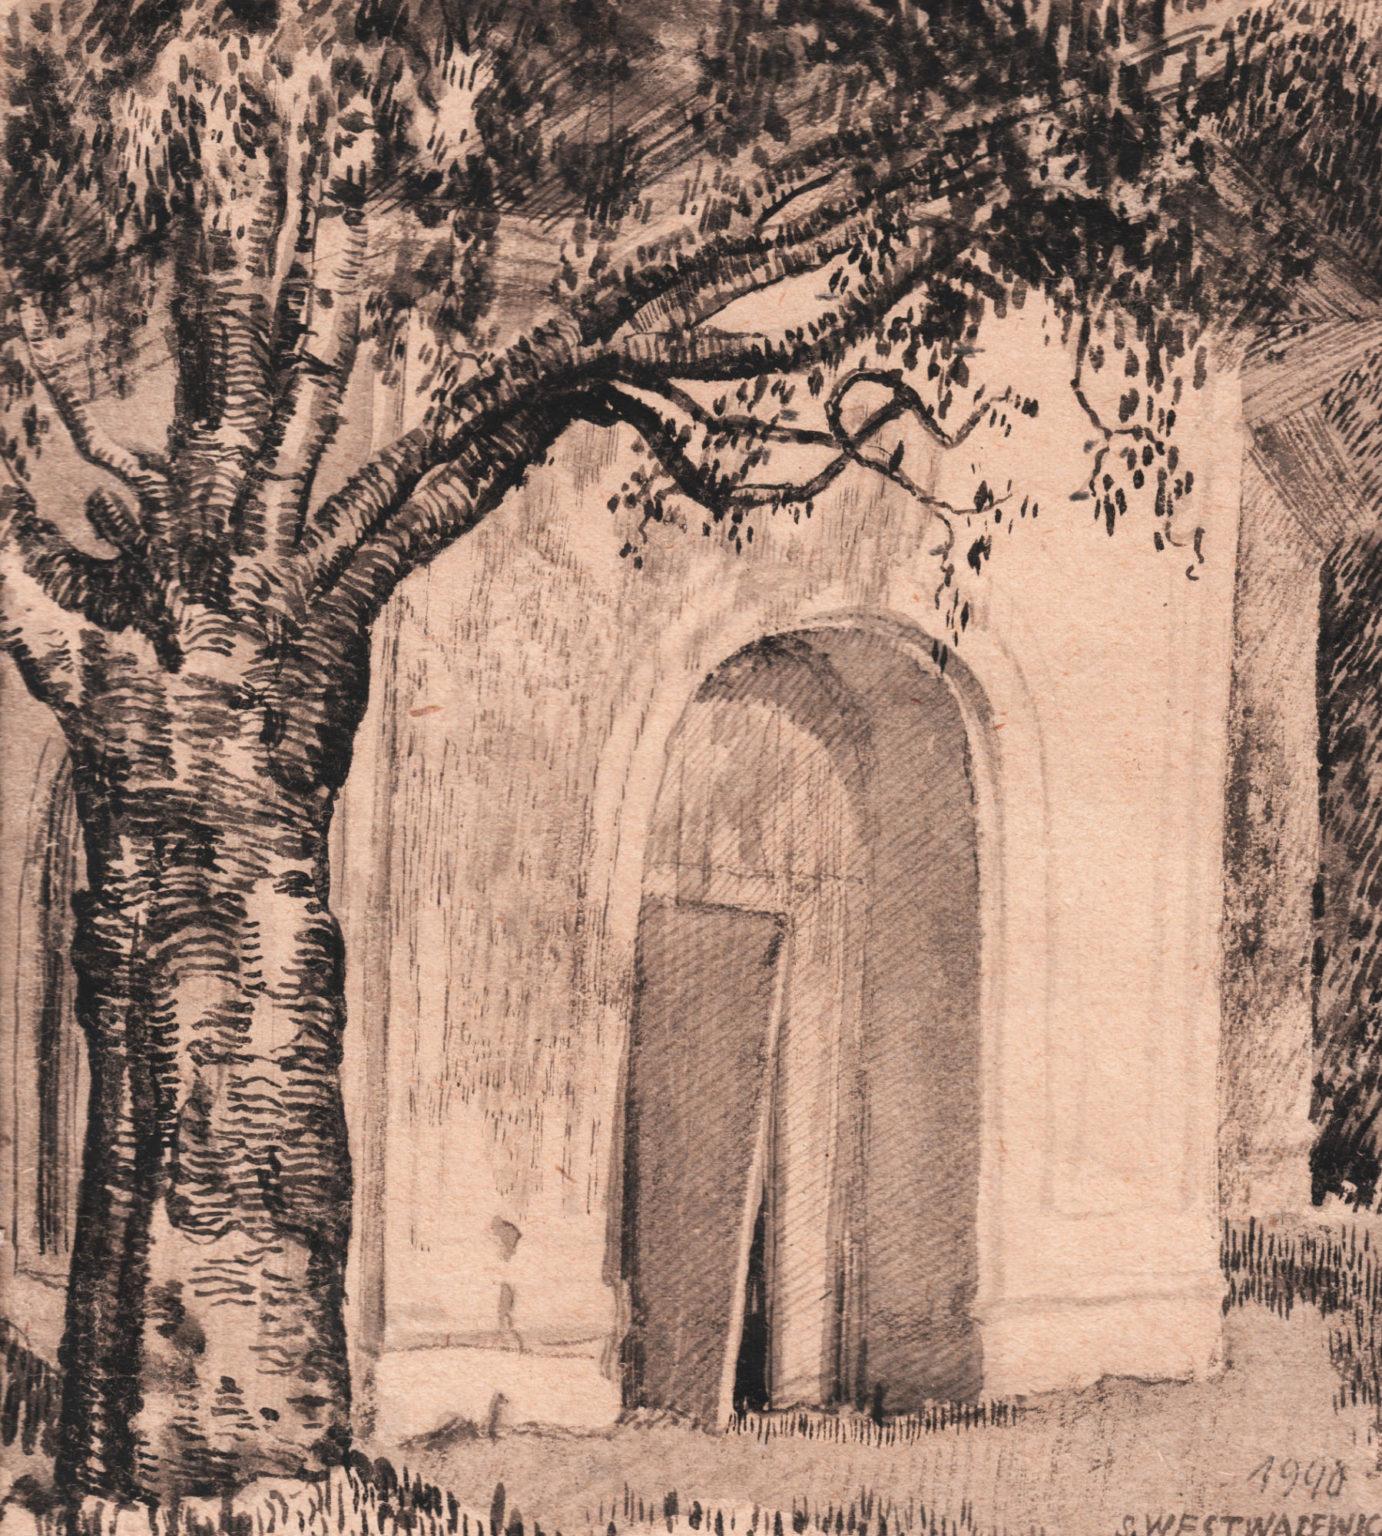 Szkic przedstawia budynek z otwartymi drzwiami, obok niego znajduje się drzewo.